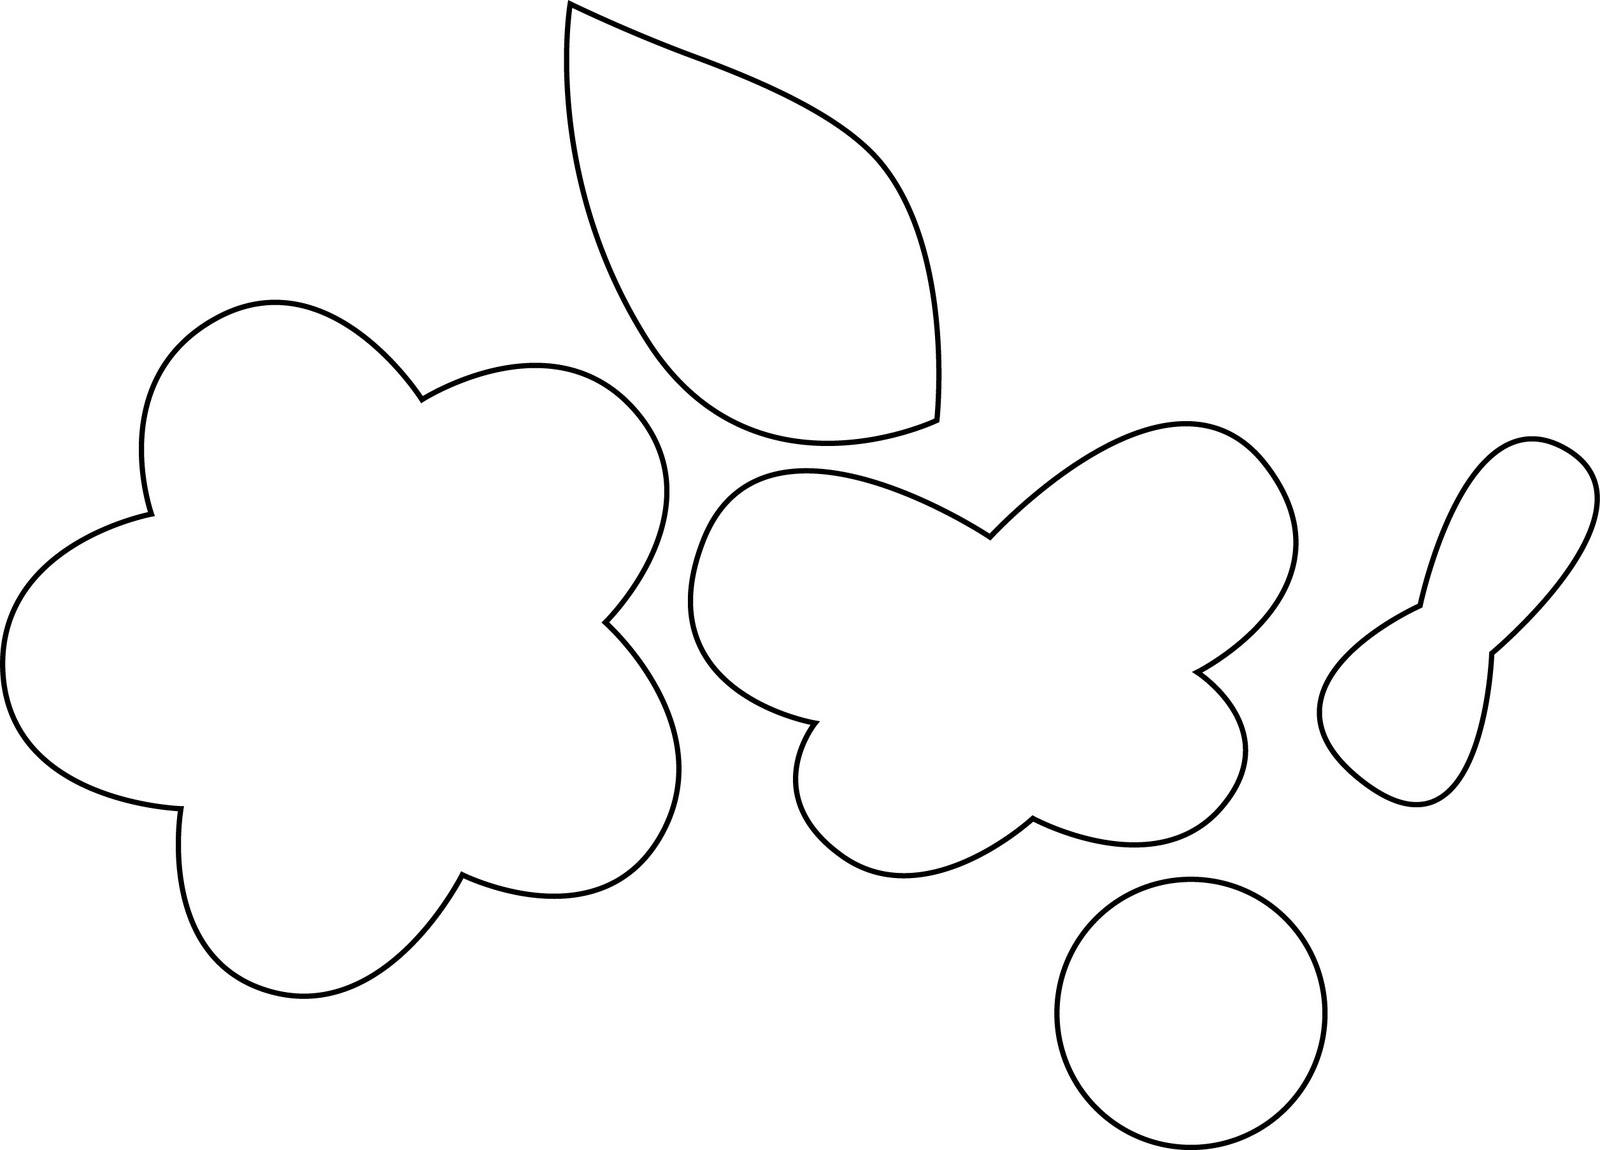 DESENHOS DE FLORES PARA IMPRIMIR E COLORIR  - imagens para colorir de uma flor